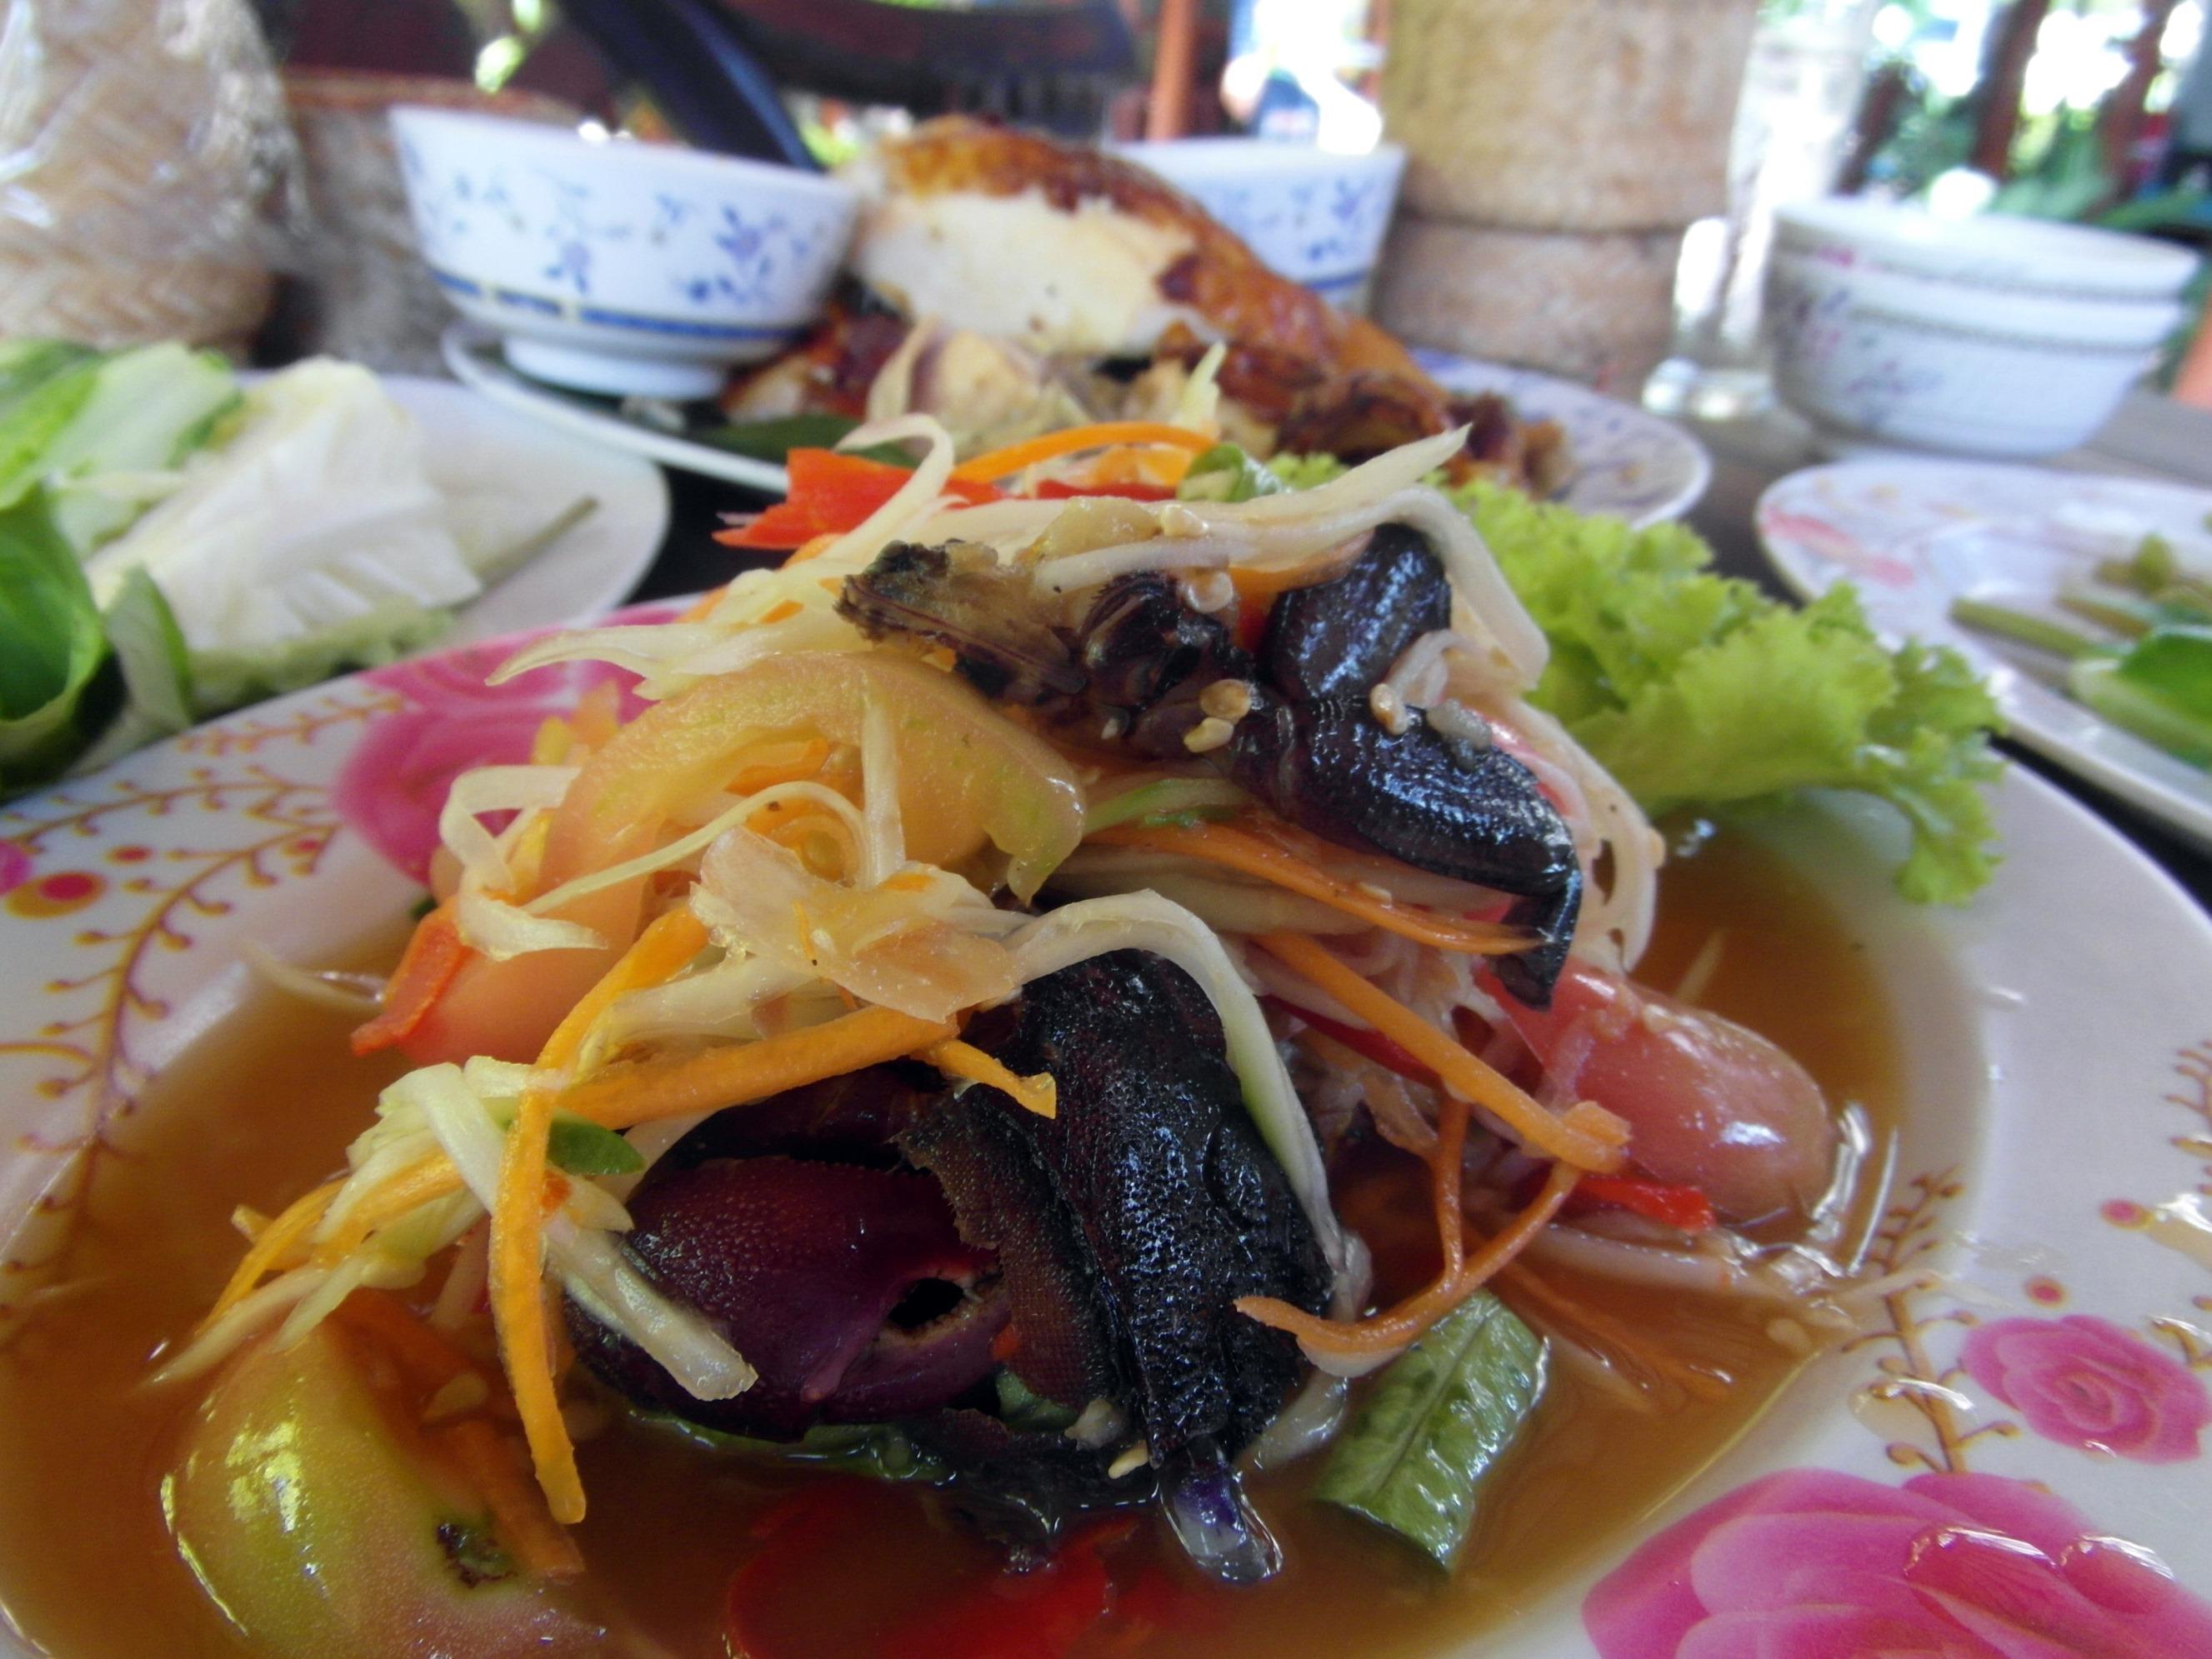 Spicy Asian Salad, Asia, Papaya, Thailand, Thai, HQ Photo